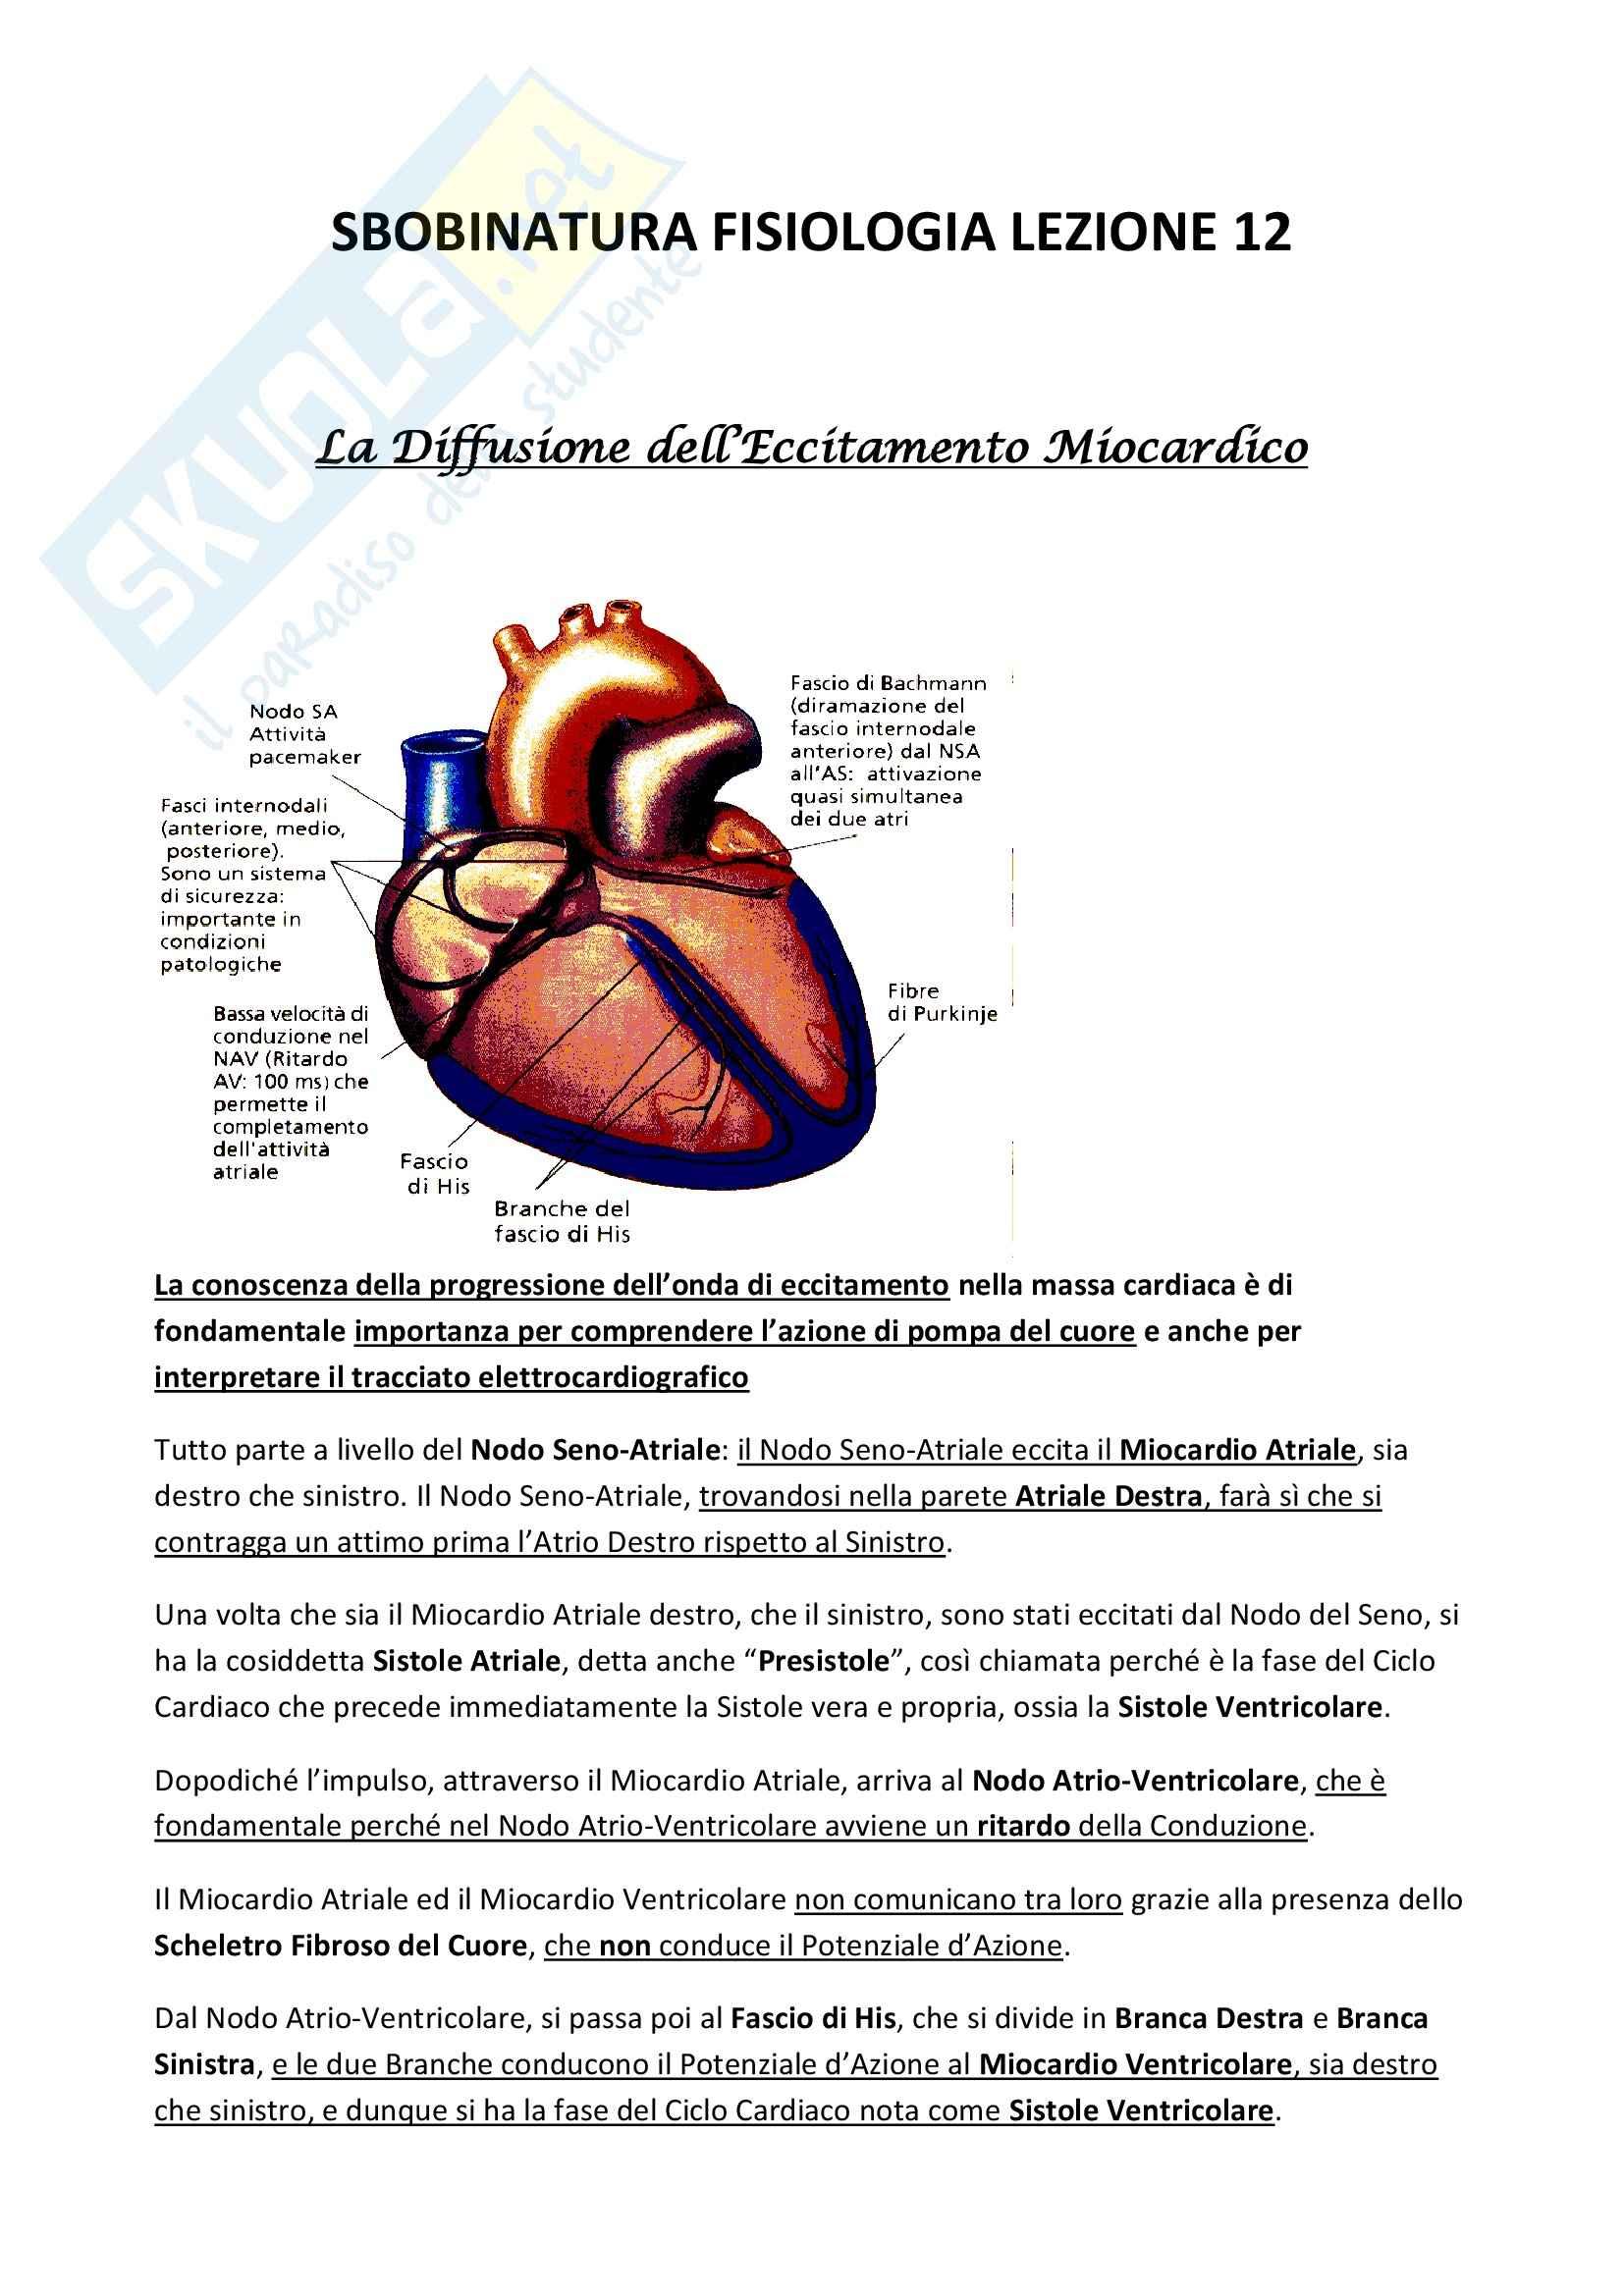 Fisiologia umana I - eccitamento cardiaco